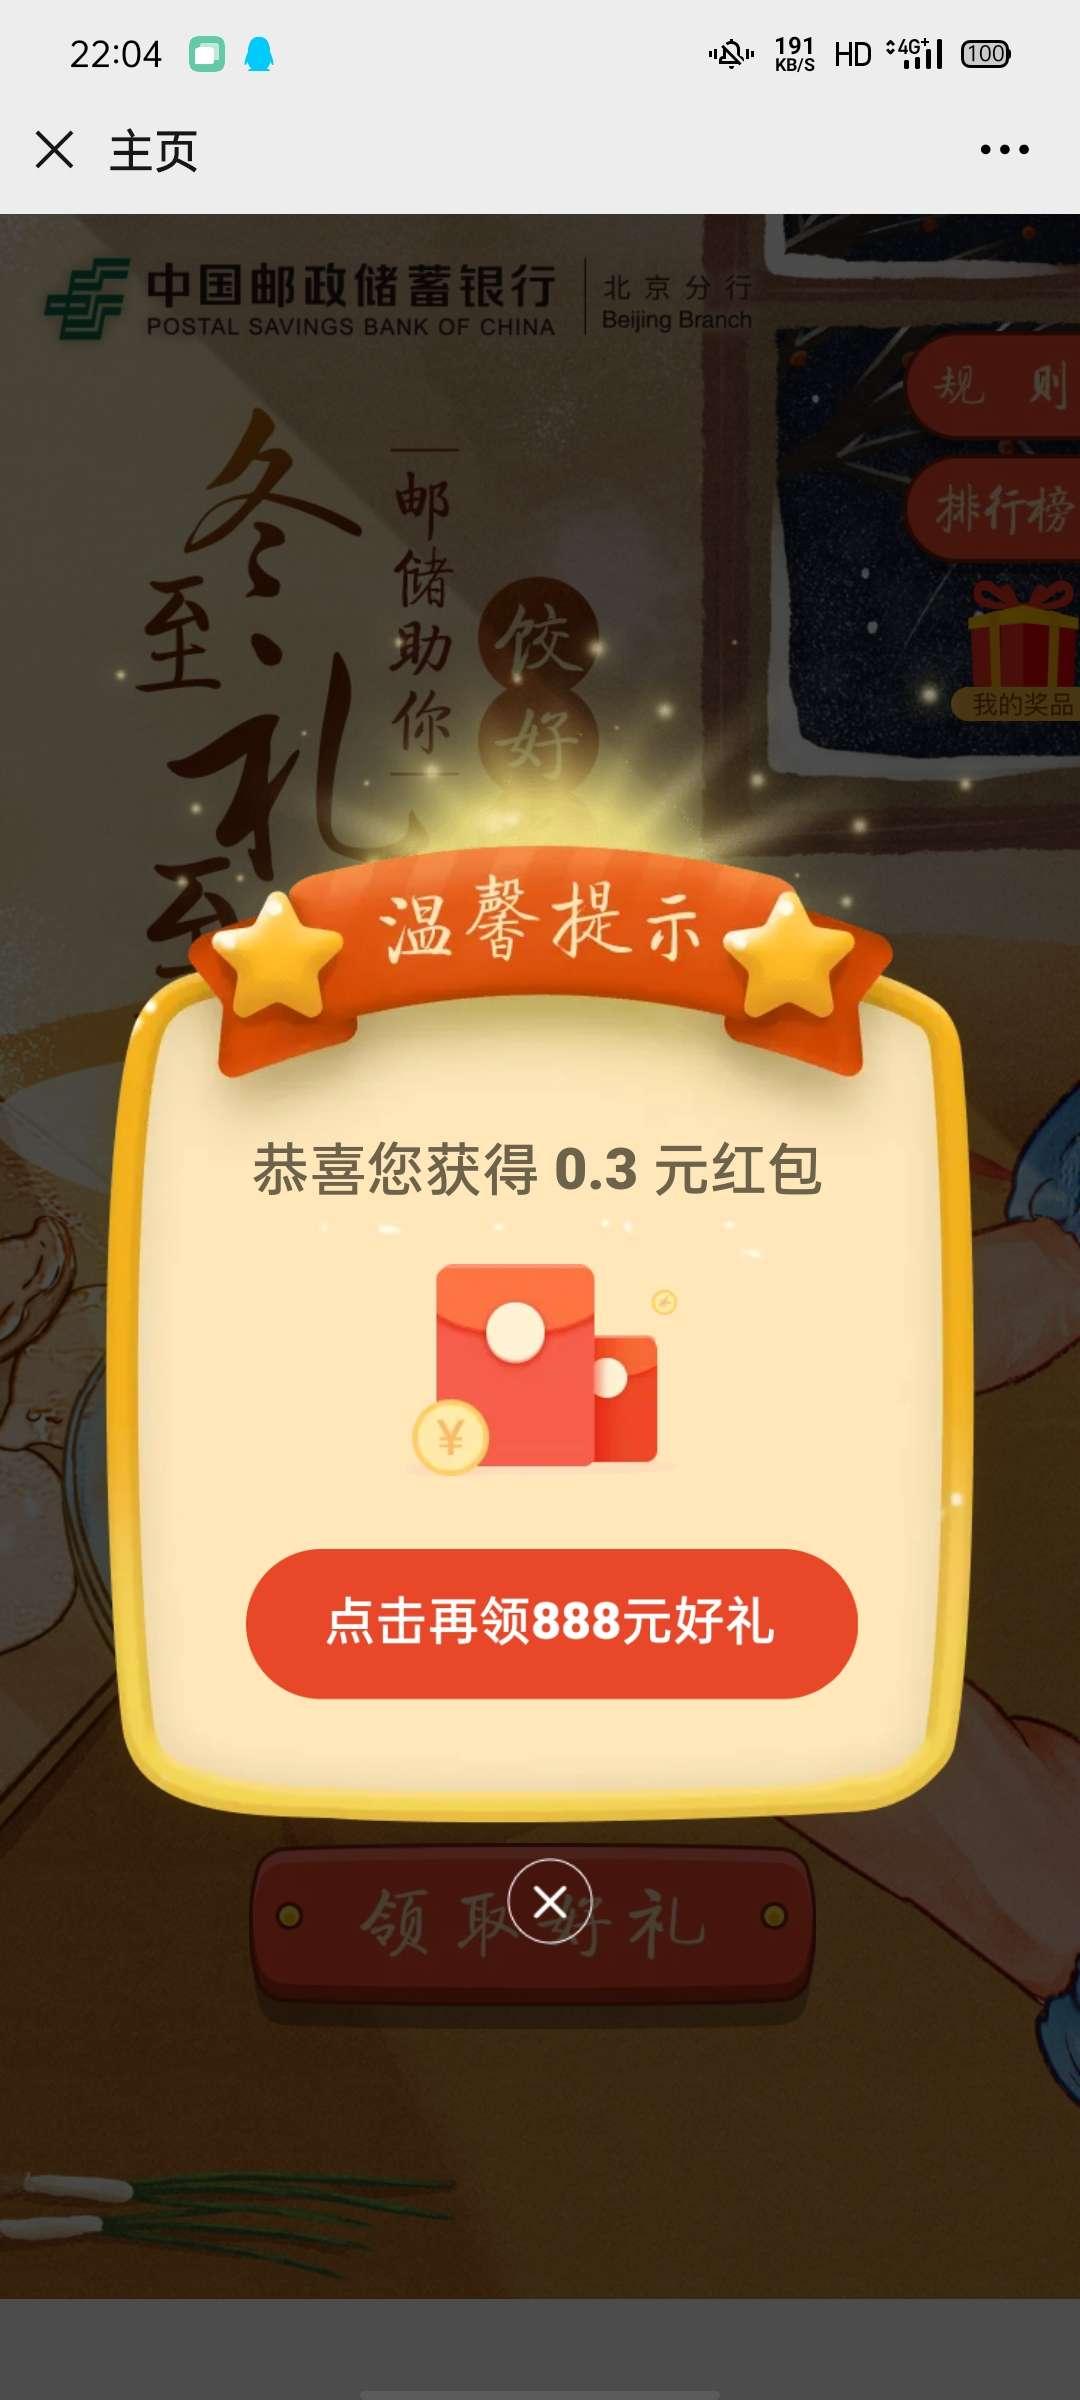 图片[4]-邮储银行北京分行冬至玩游戏抽红包-老友薅羊毛活动线报网